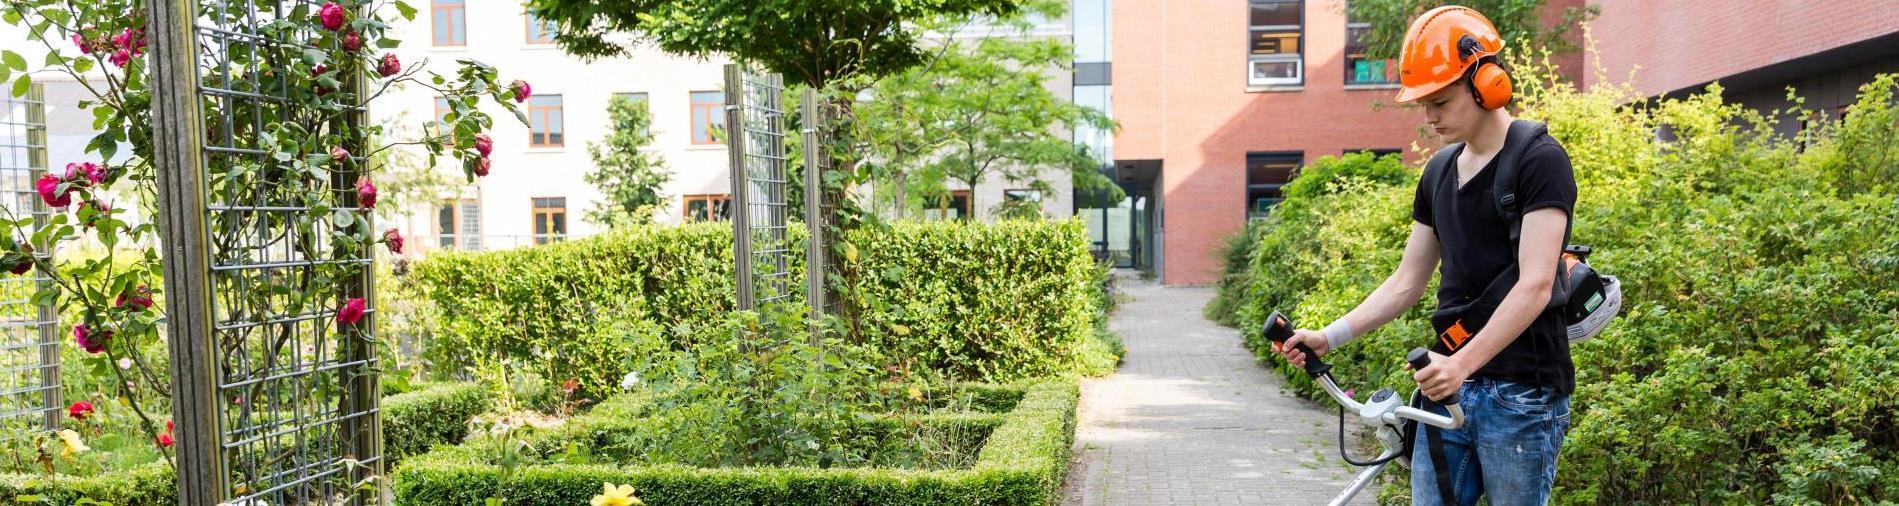 Aeres MBO Groene ruimte gras onderhoud